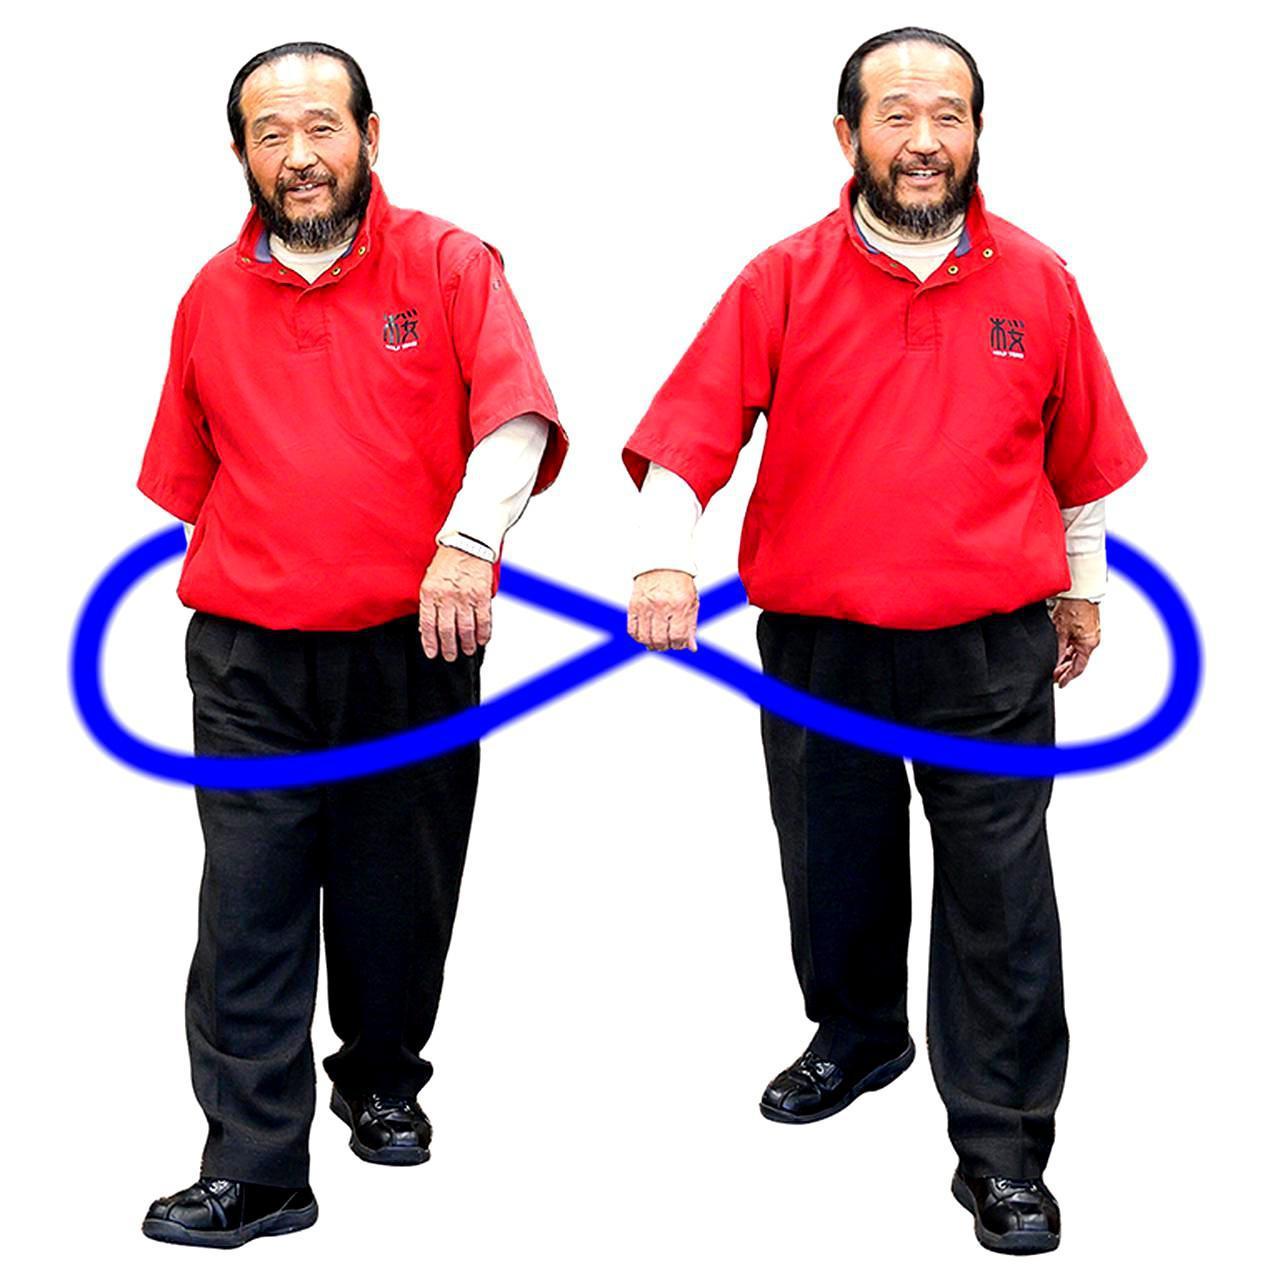 画像: 「歩行もスウィングと同じ。不自然に直線的な動きをせず、回転する水のパワーを利用するイメージで行う。筋力だけを使って歩くより、体内の水を回す歩き方をすれば、疲れないし、リズムもよくなります」